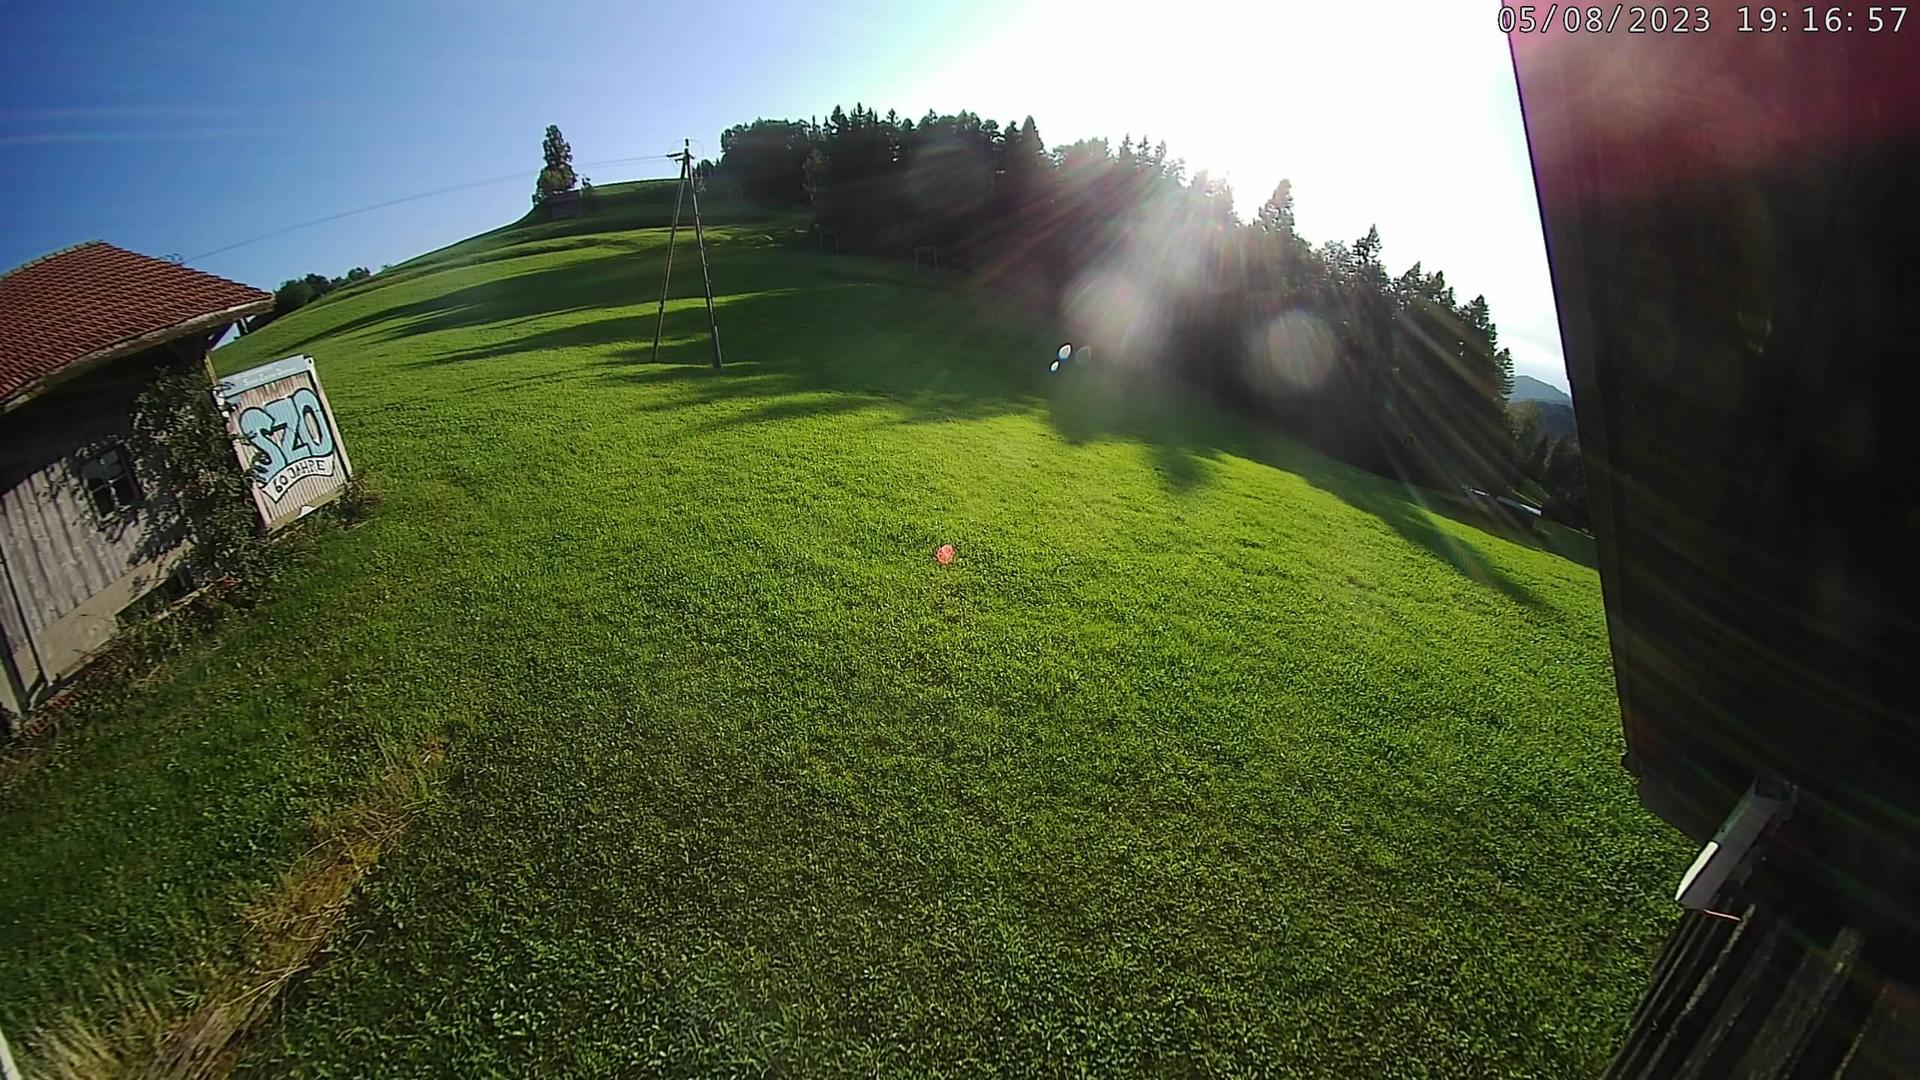 Webkamera Ghöch: Bäretswil − Skilift